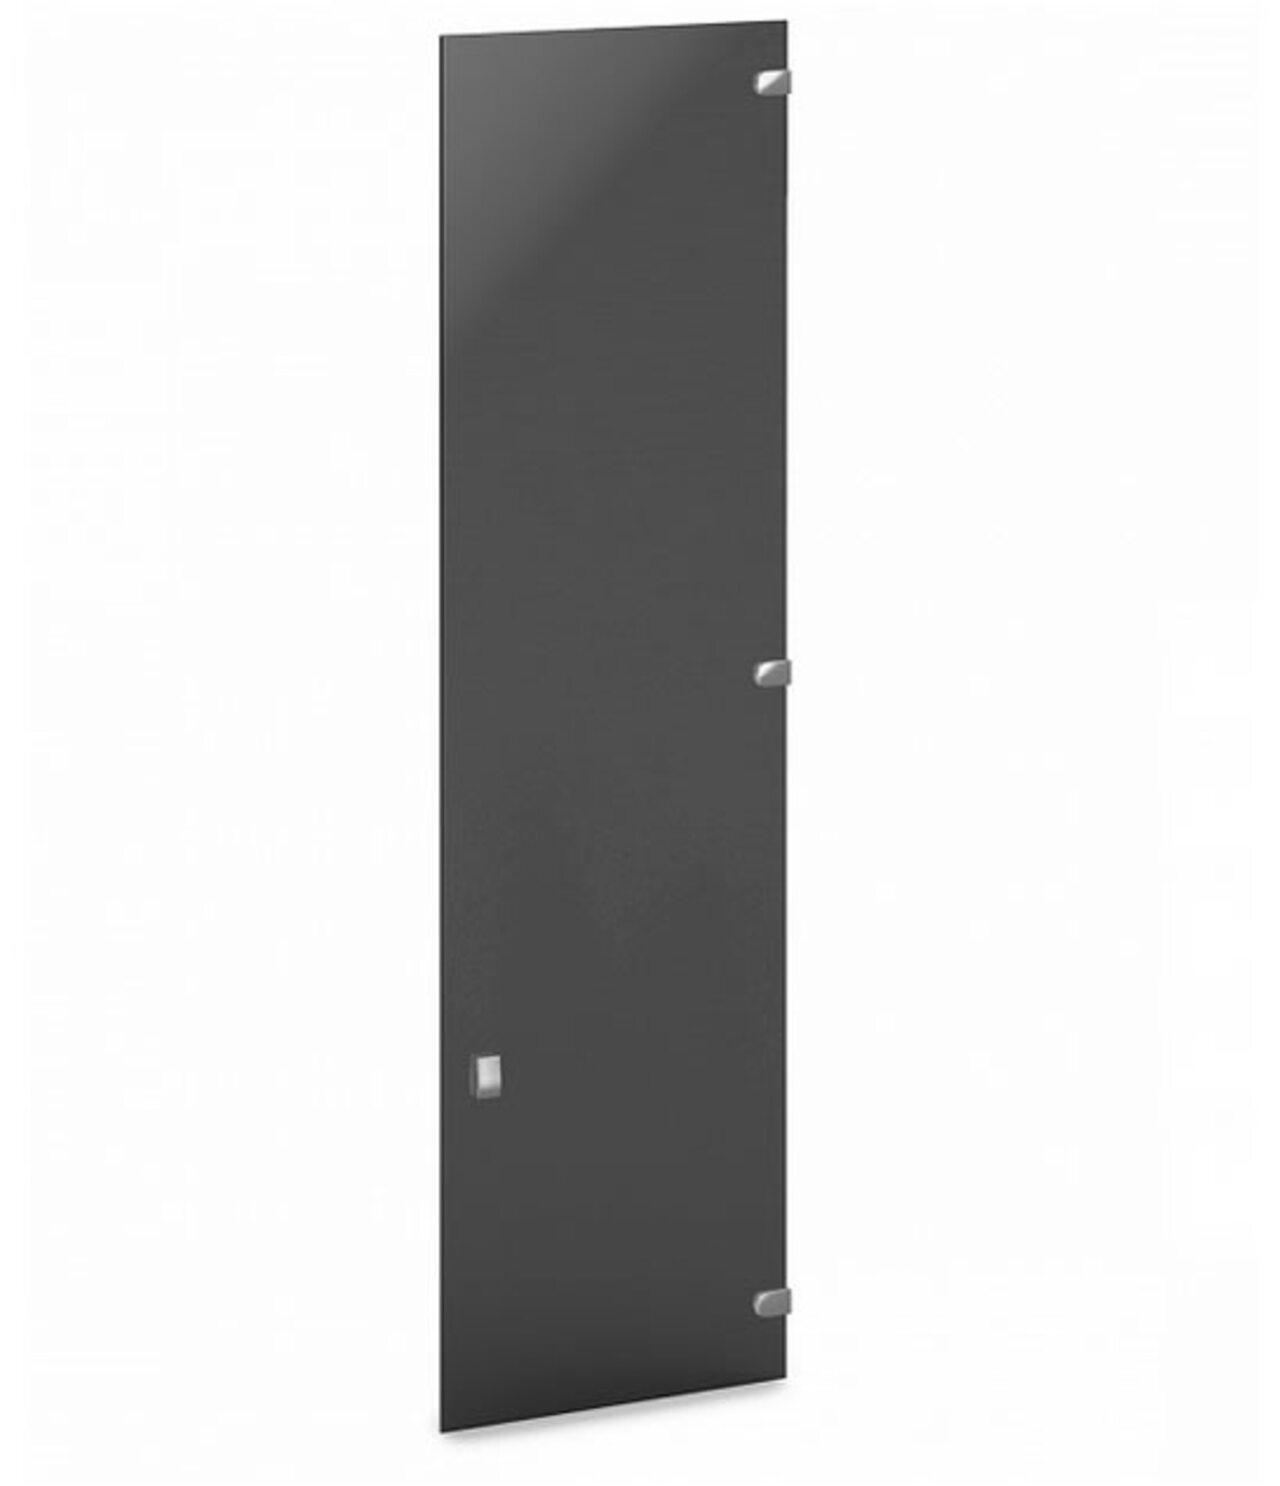 Дверь средняя стеклянная тонированная  Vasanta 1x41x141 - фото 1